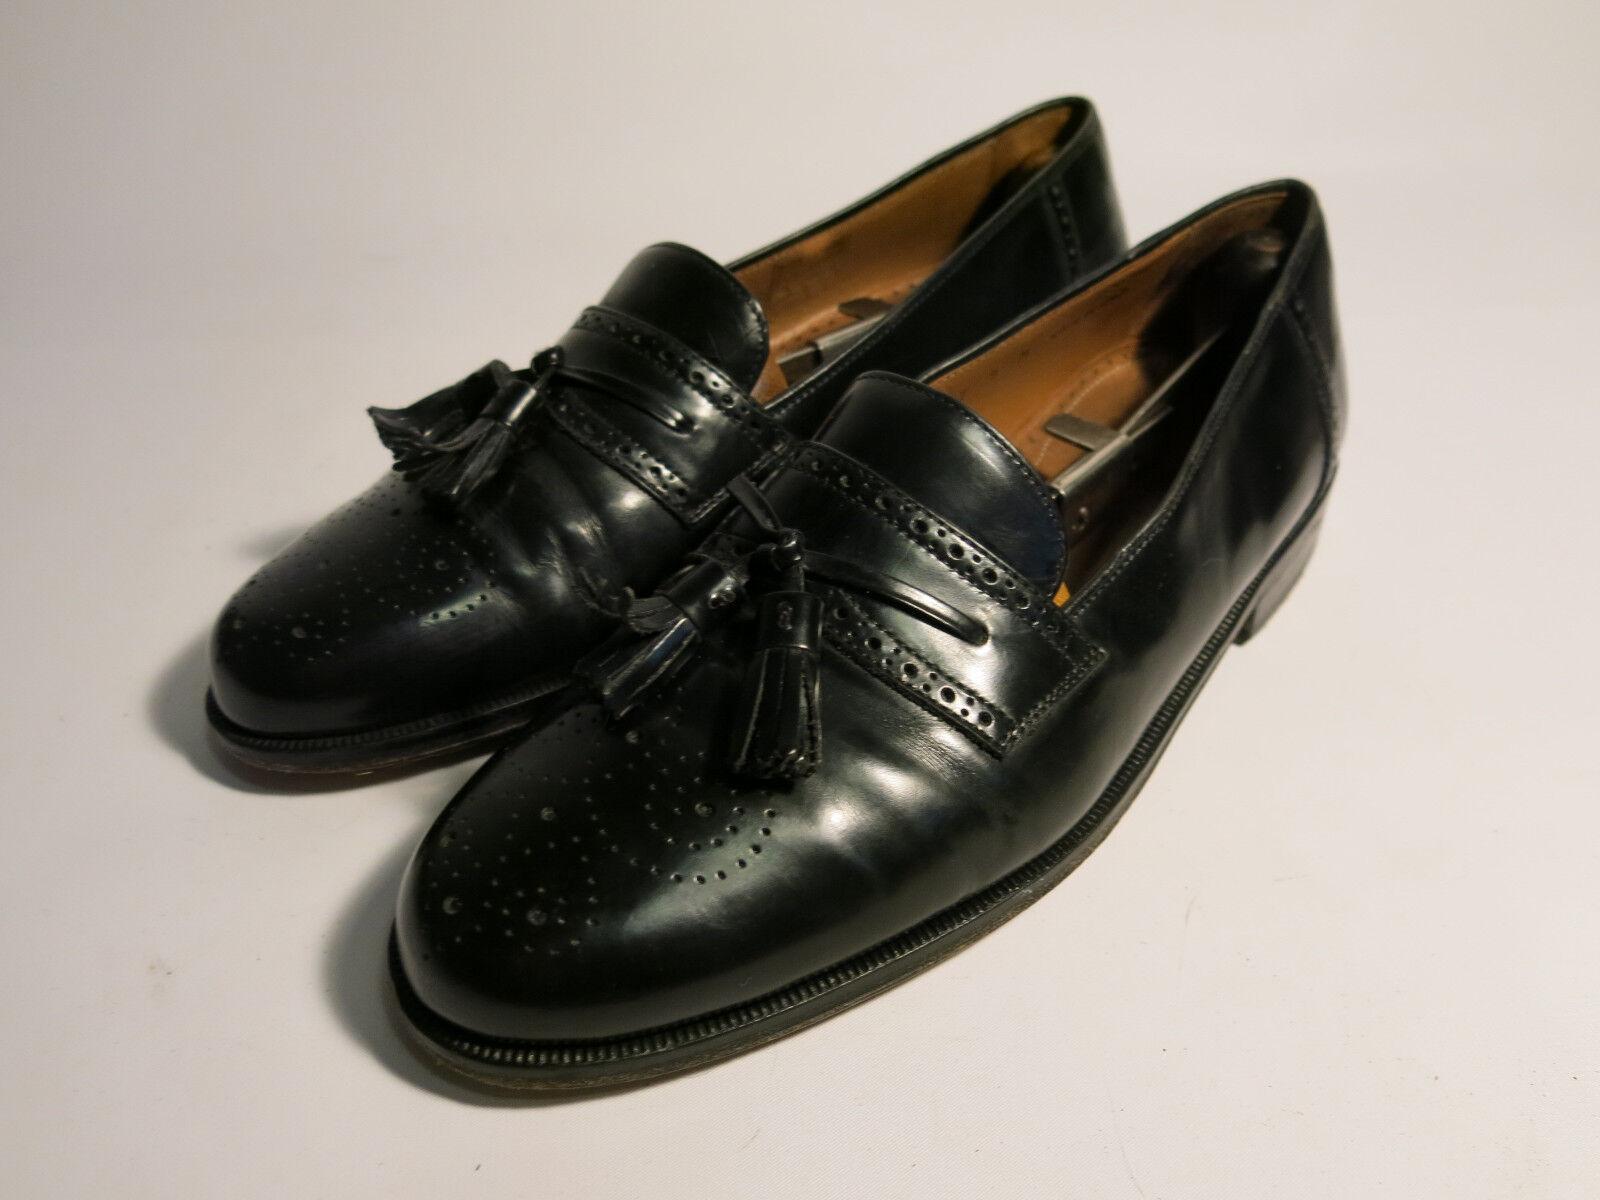 fino al 70% di sconto Magnanni Uomo 9 M nero nero nero Leather Brogued Tassel Loafers Made Spain  gli ultimi modelli